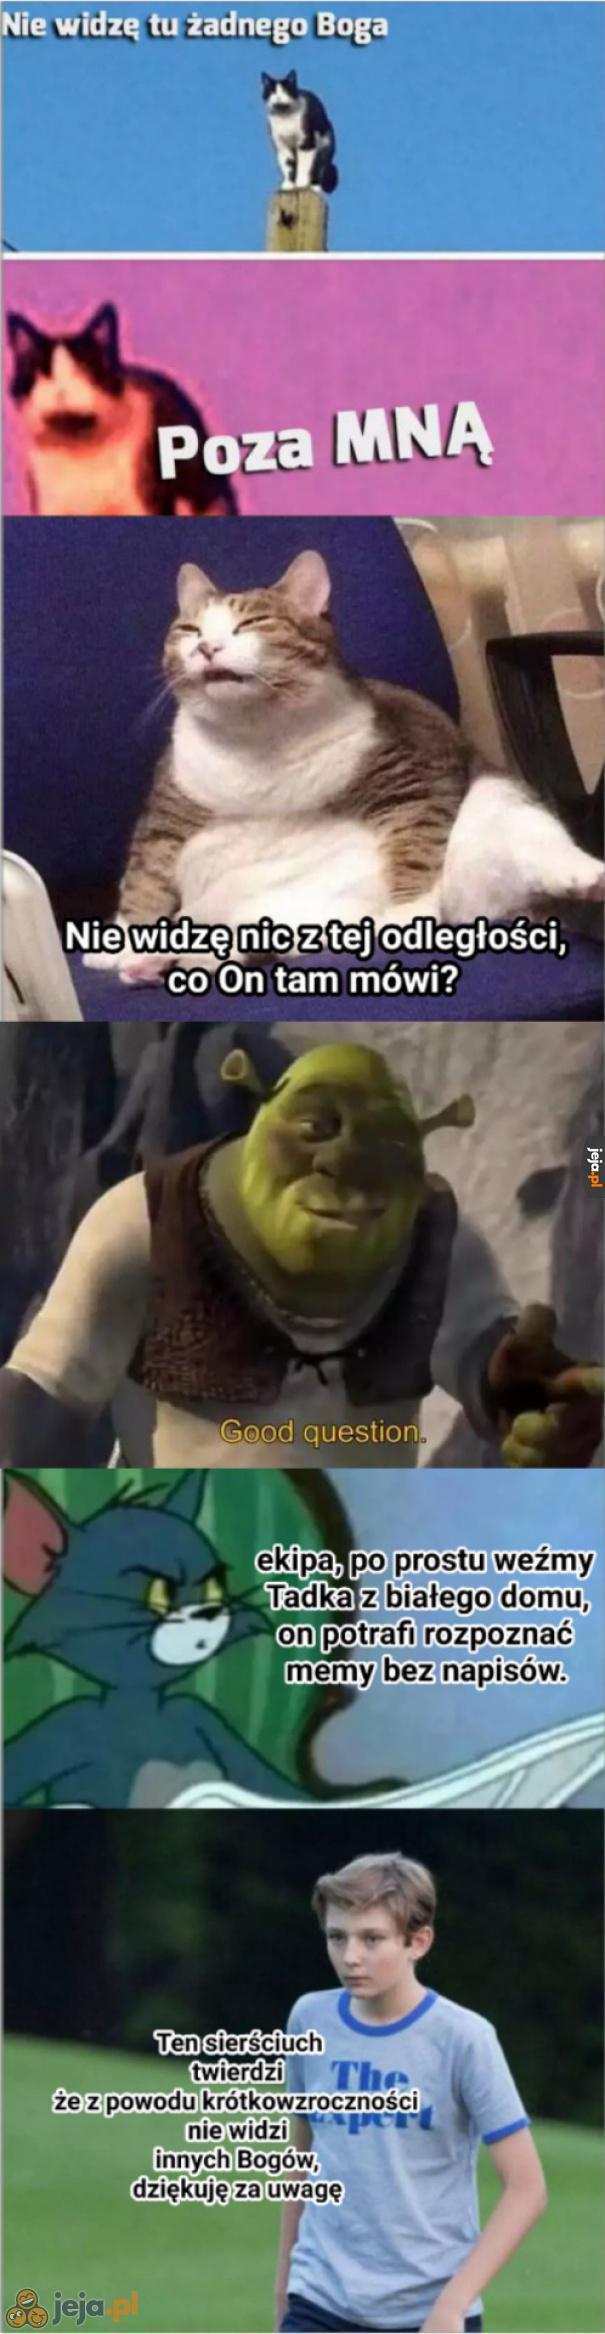 Nowe połączenie memów